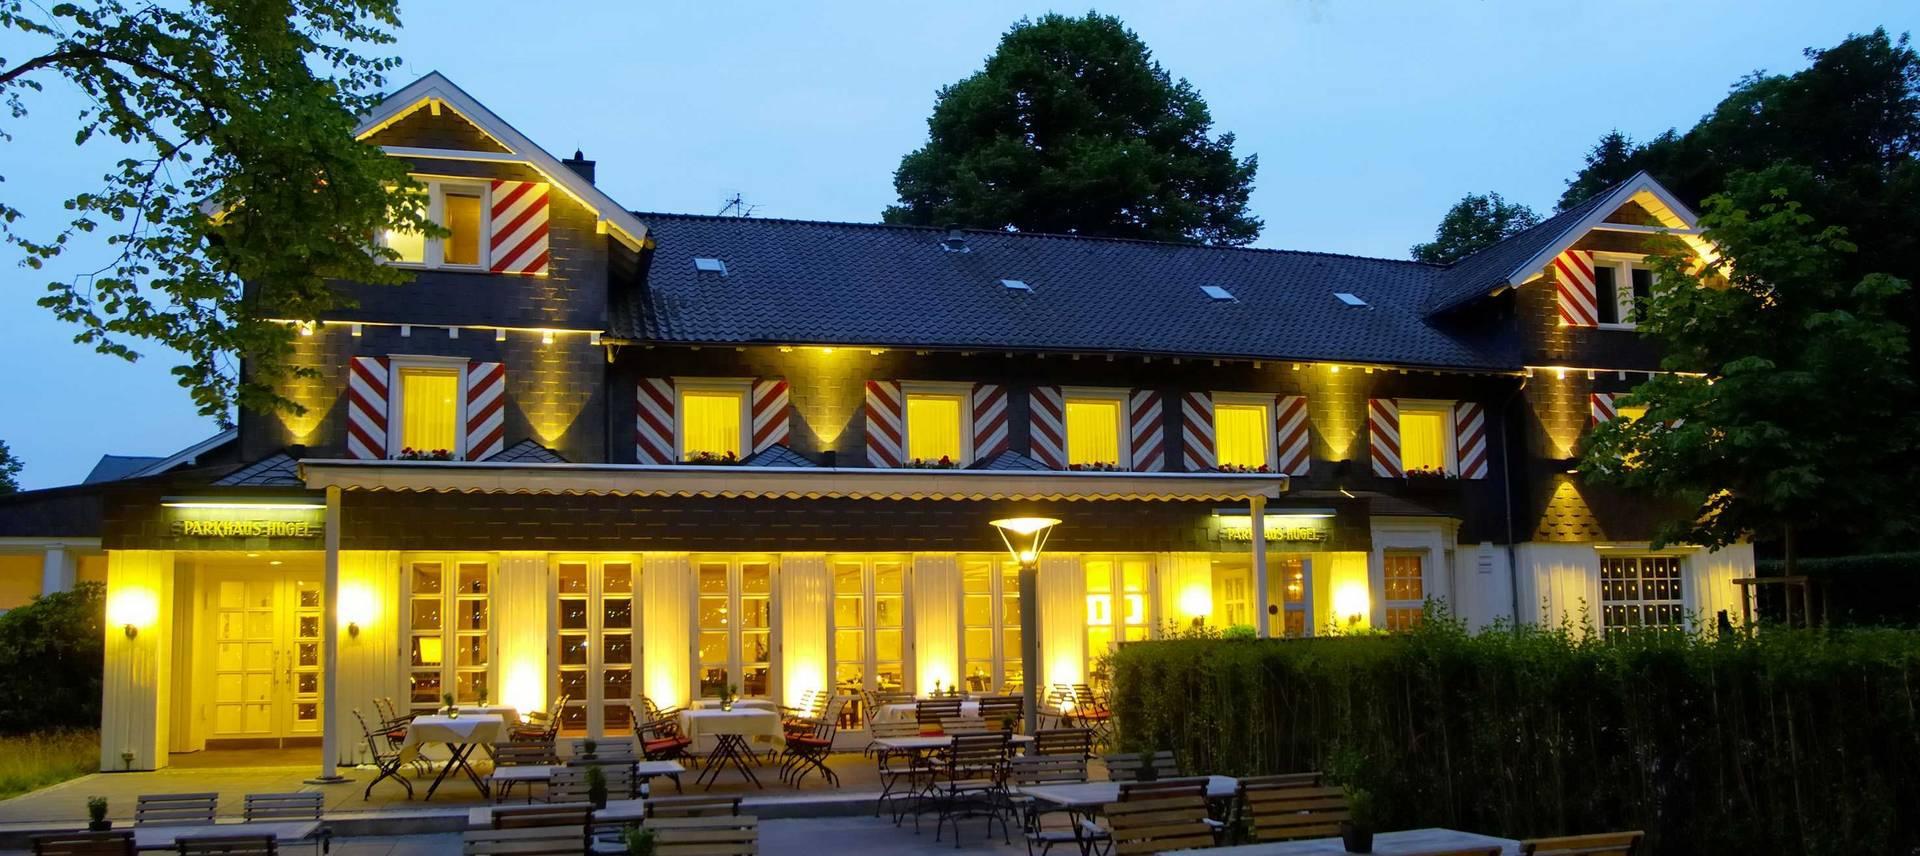 Parkhaus Casino Baden